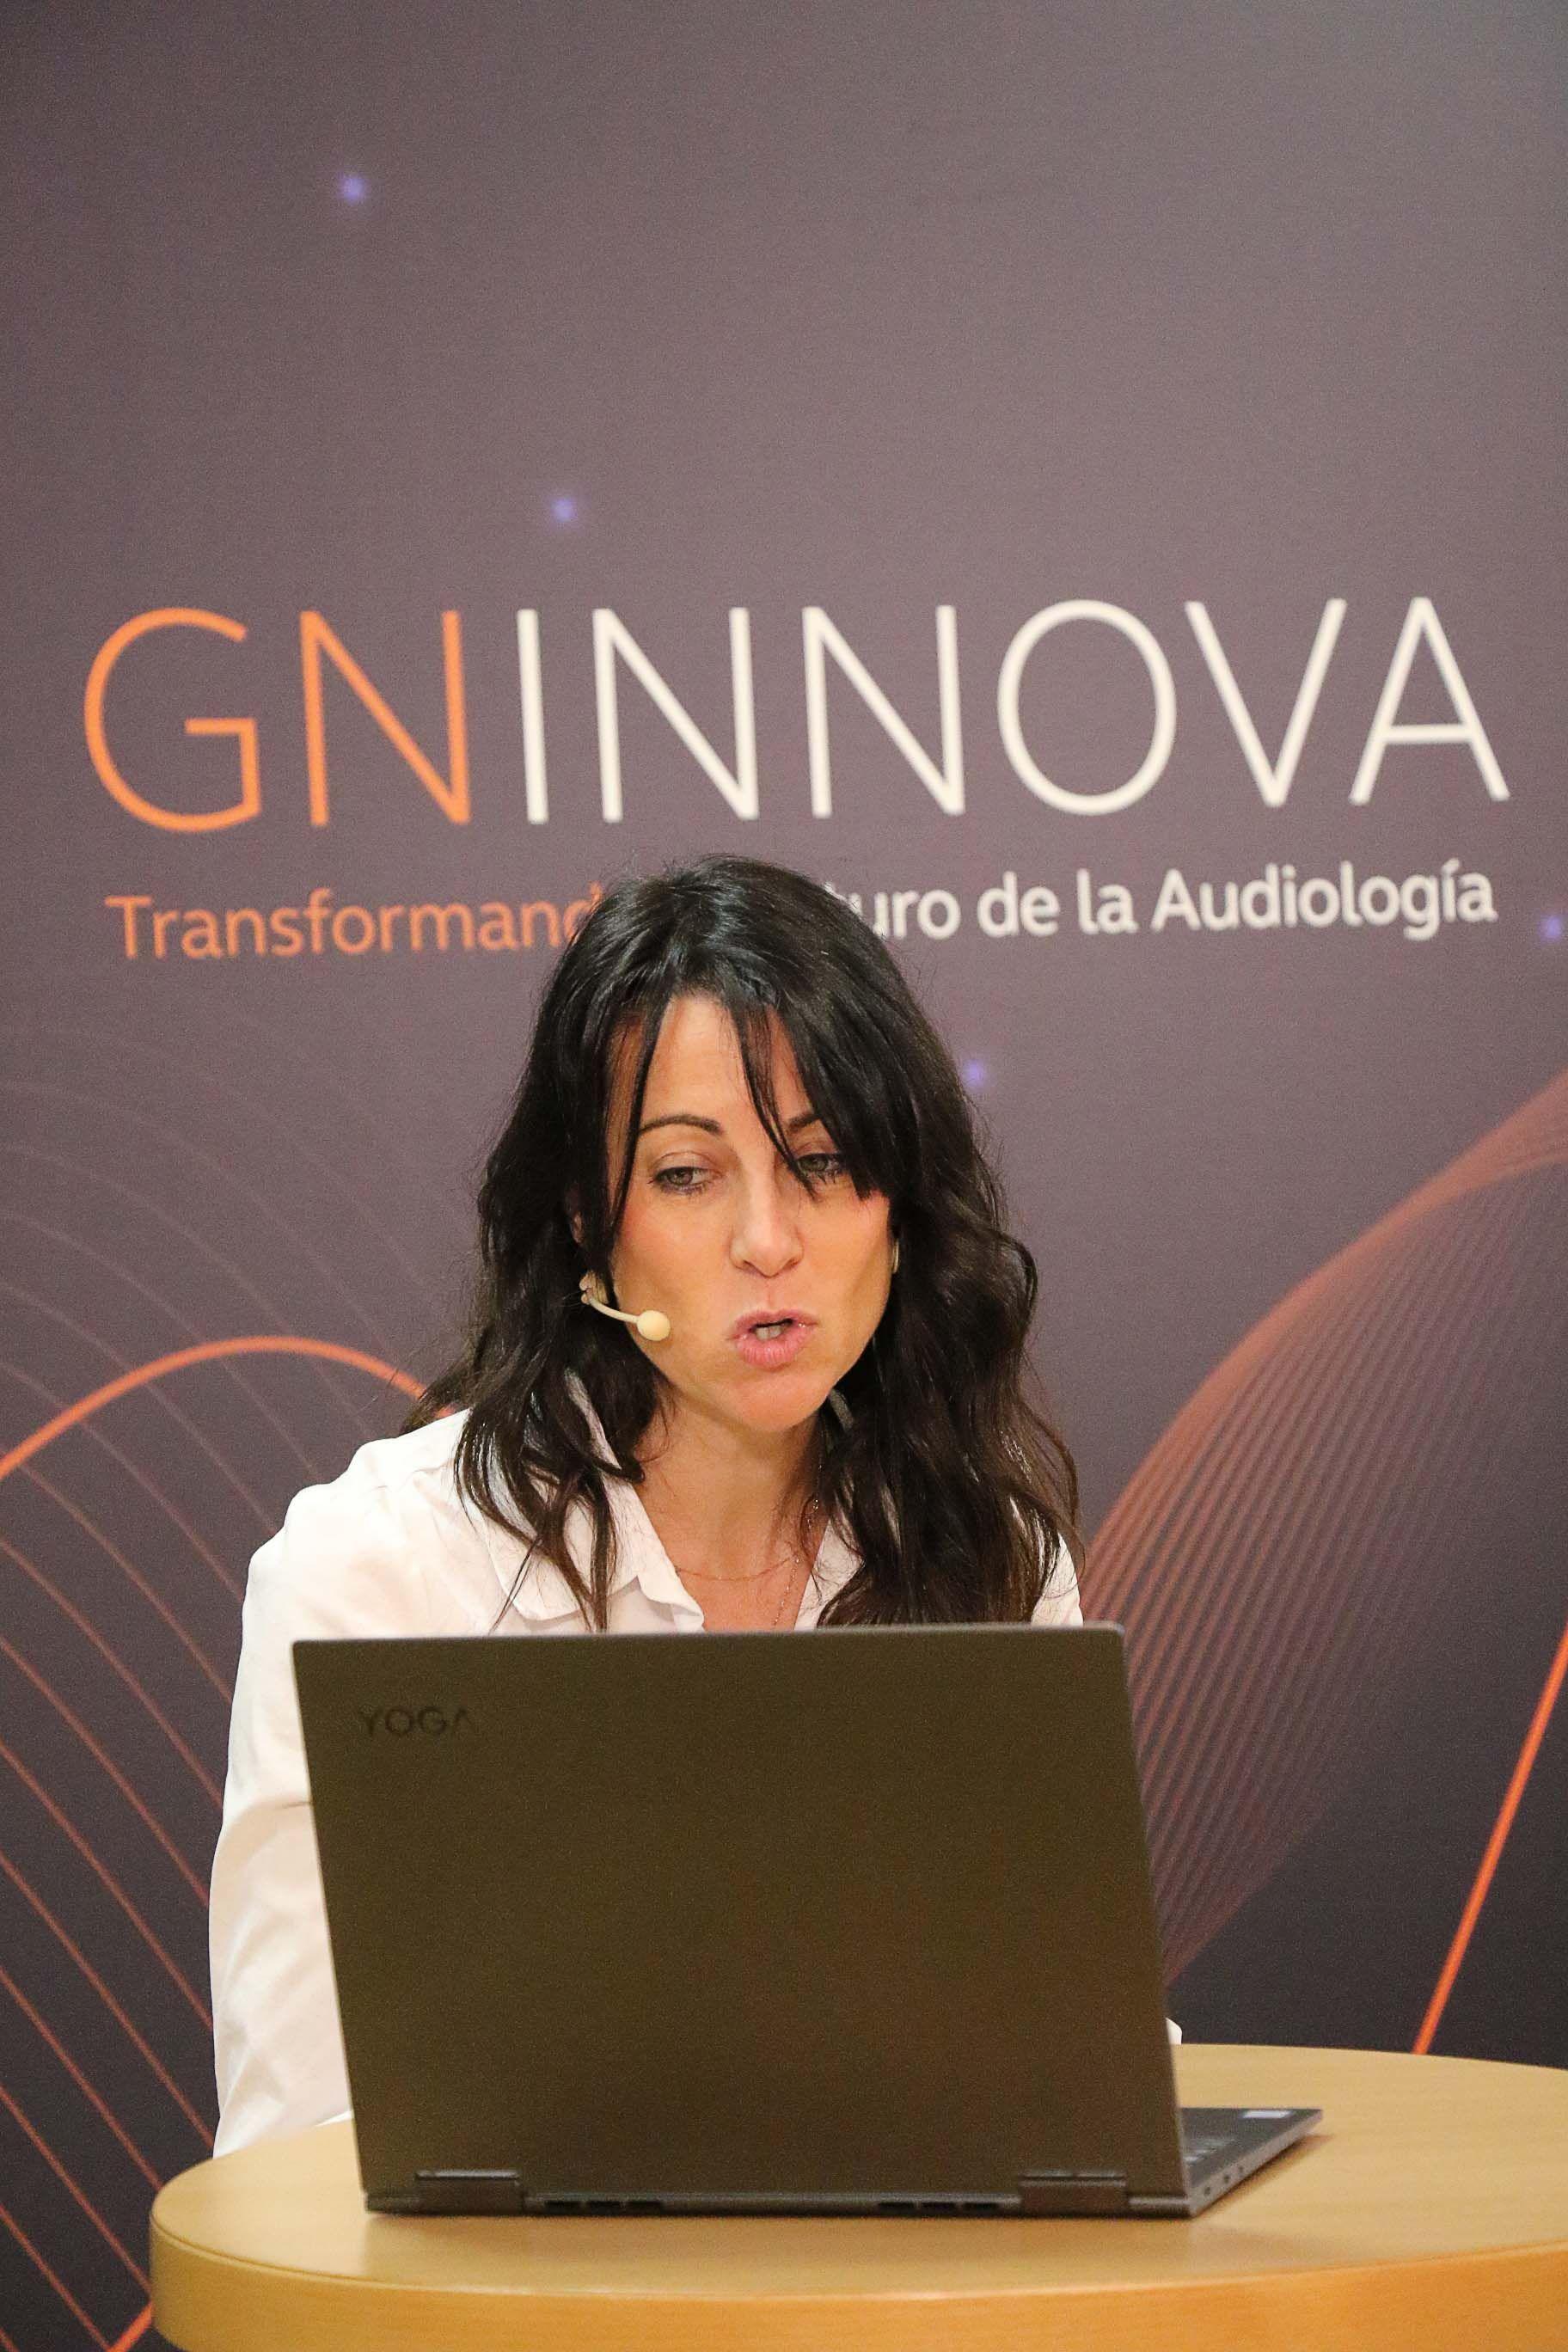 Foto de Rosa Albaladejo, presentando el curso Audiología Clínica II